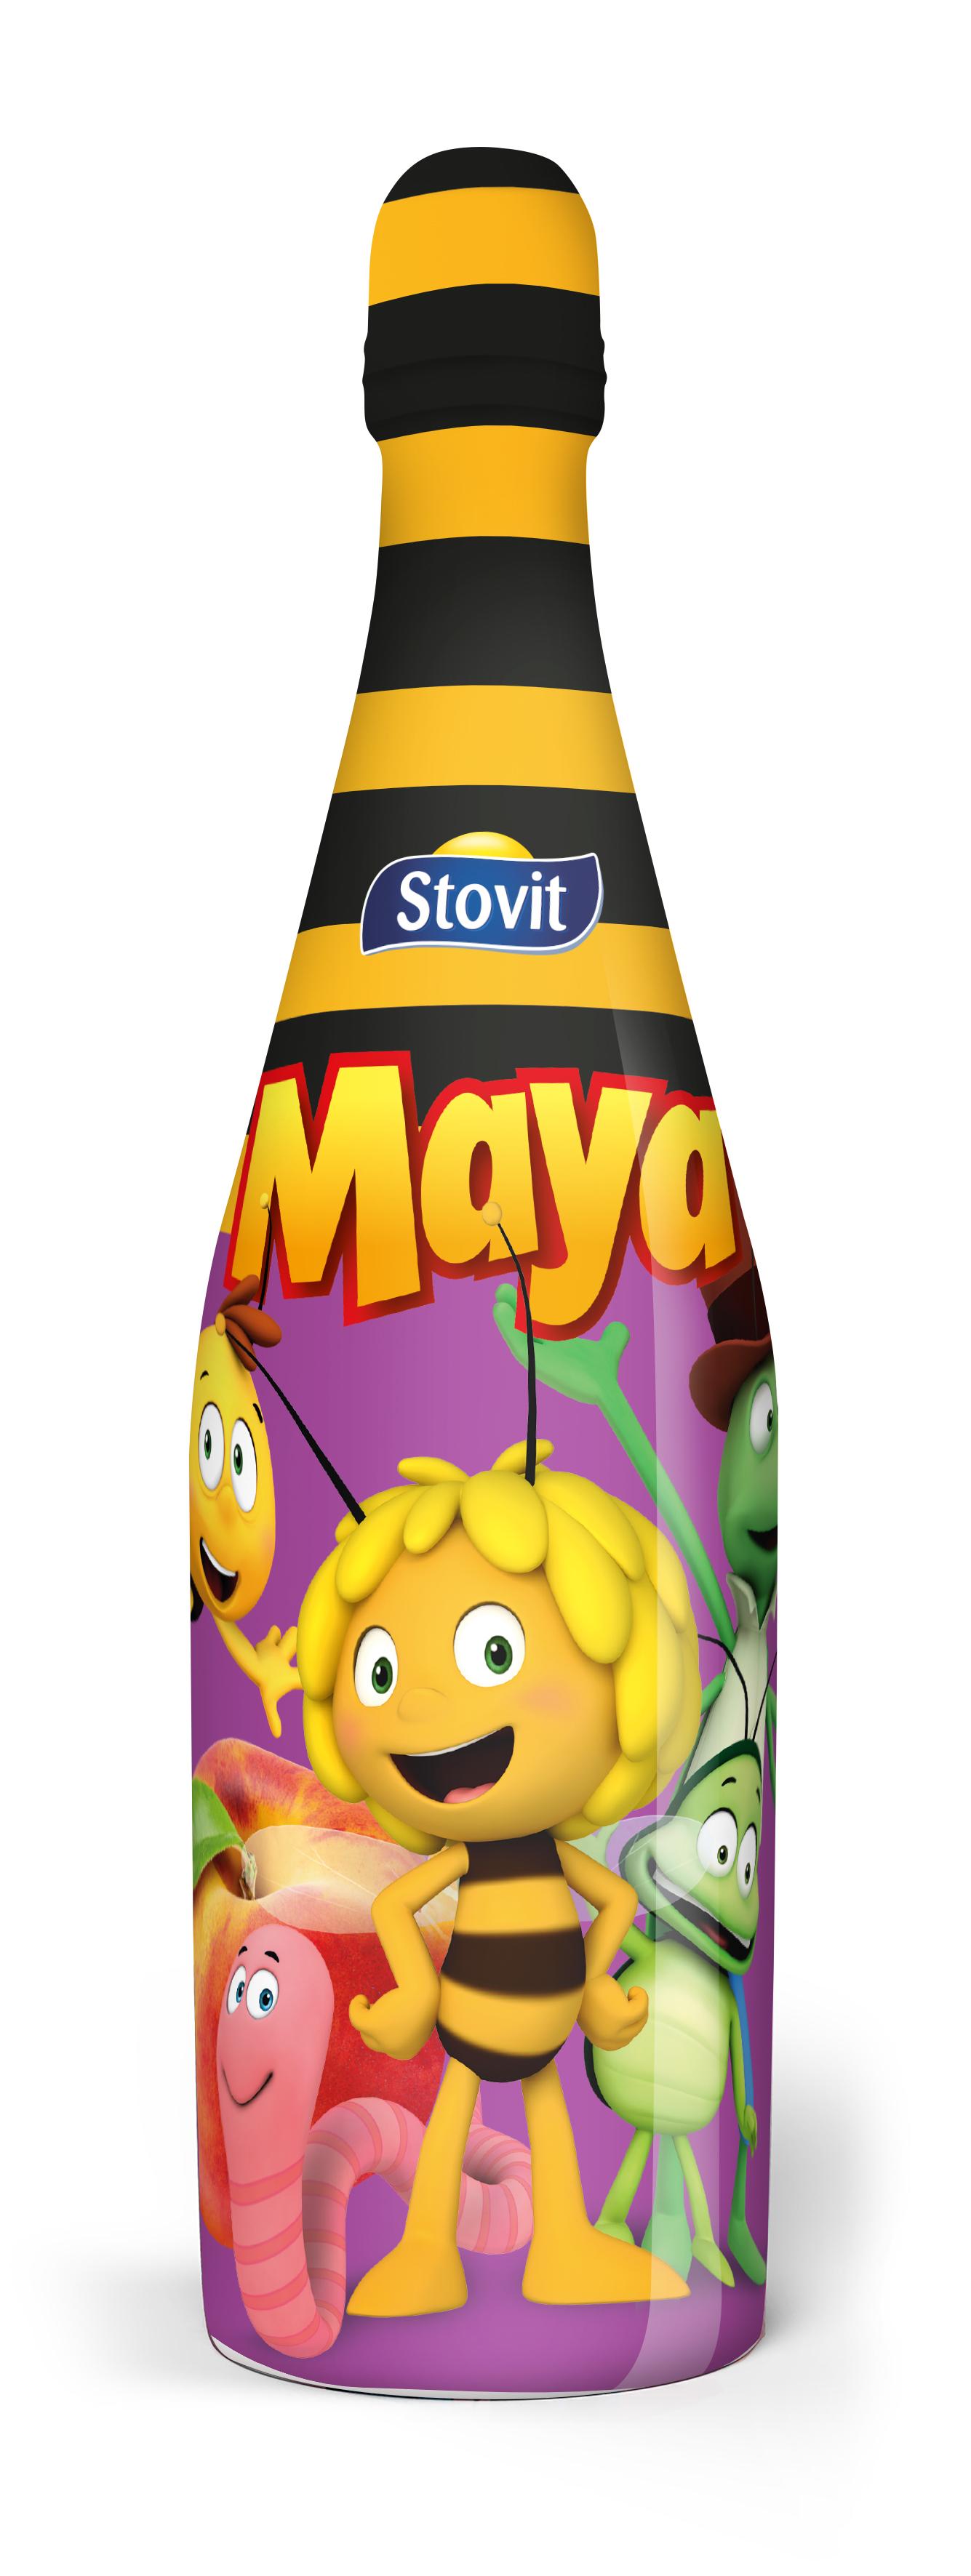 Stovit Maya napój jabłkowo - brzoskwiniowy, gazowany, bezalkoholowy